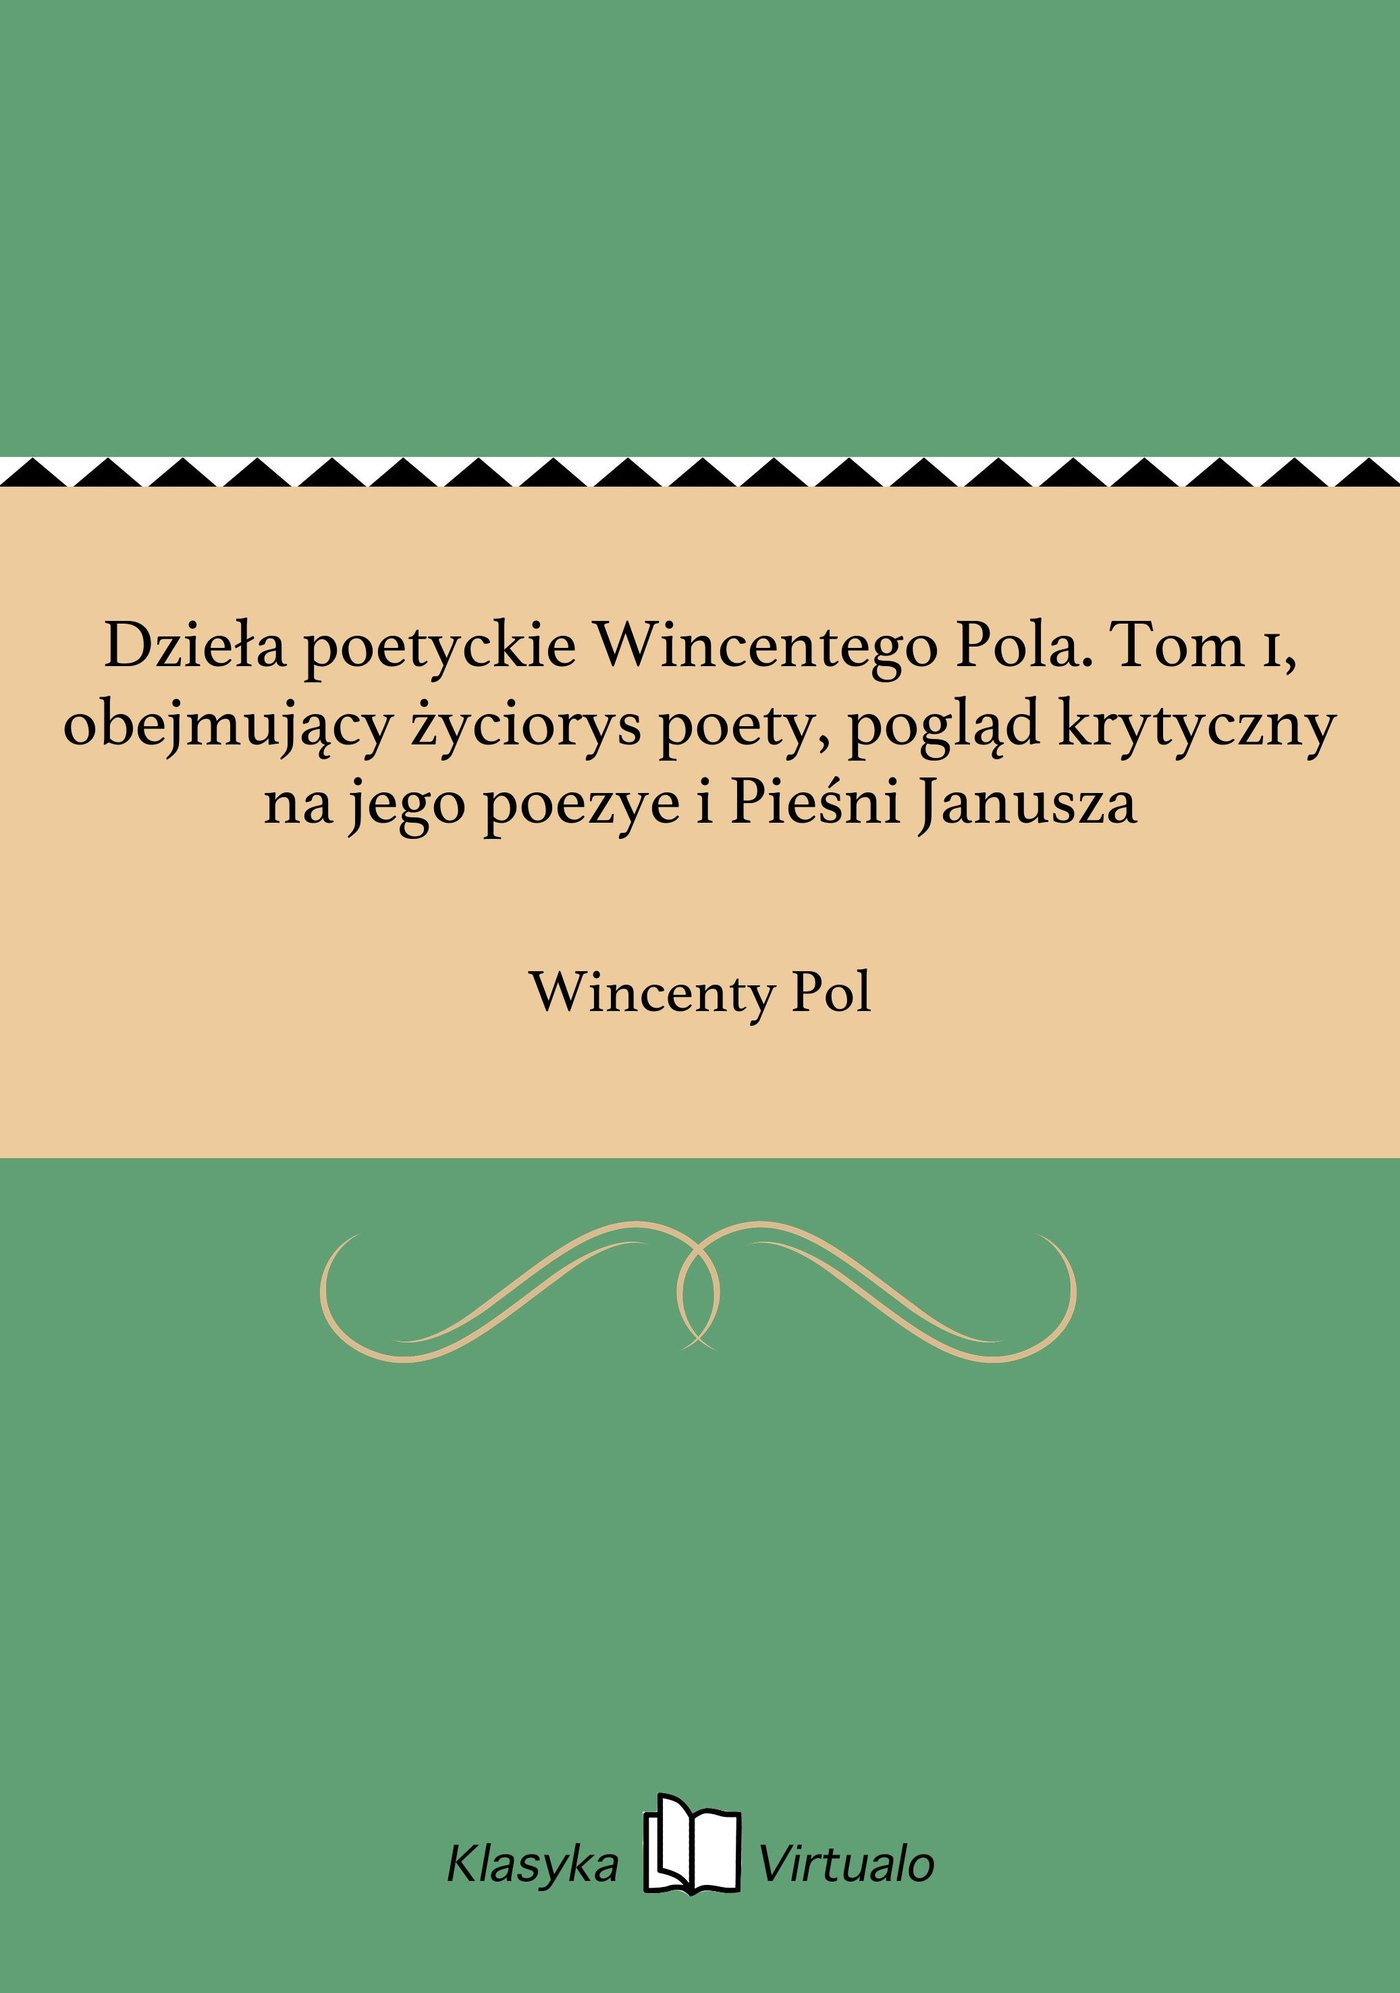 Dzieła poetyckie Wincentego Pola. Tom 1, obejmujący życiorys poety, pogląd krytyczny na jego poezye i Pieśni Janusza - Ebook (Książka EPUB) do pobrania w formacie EPUB